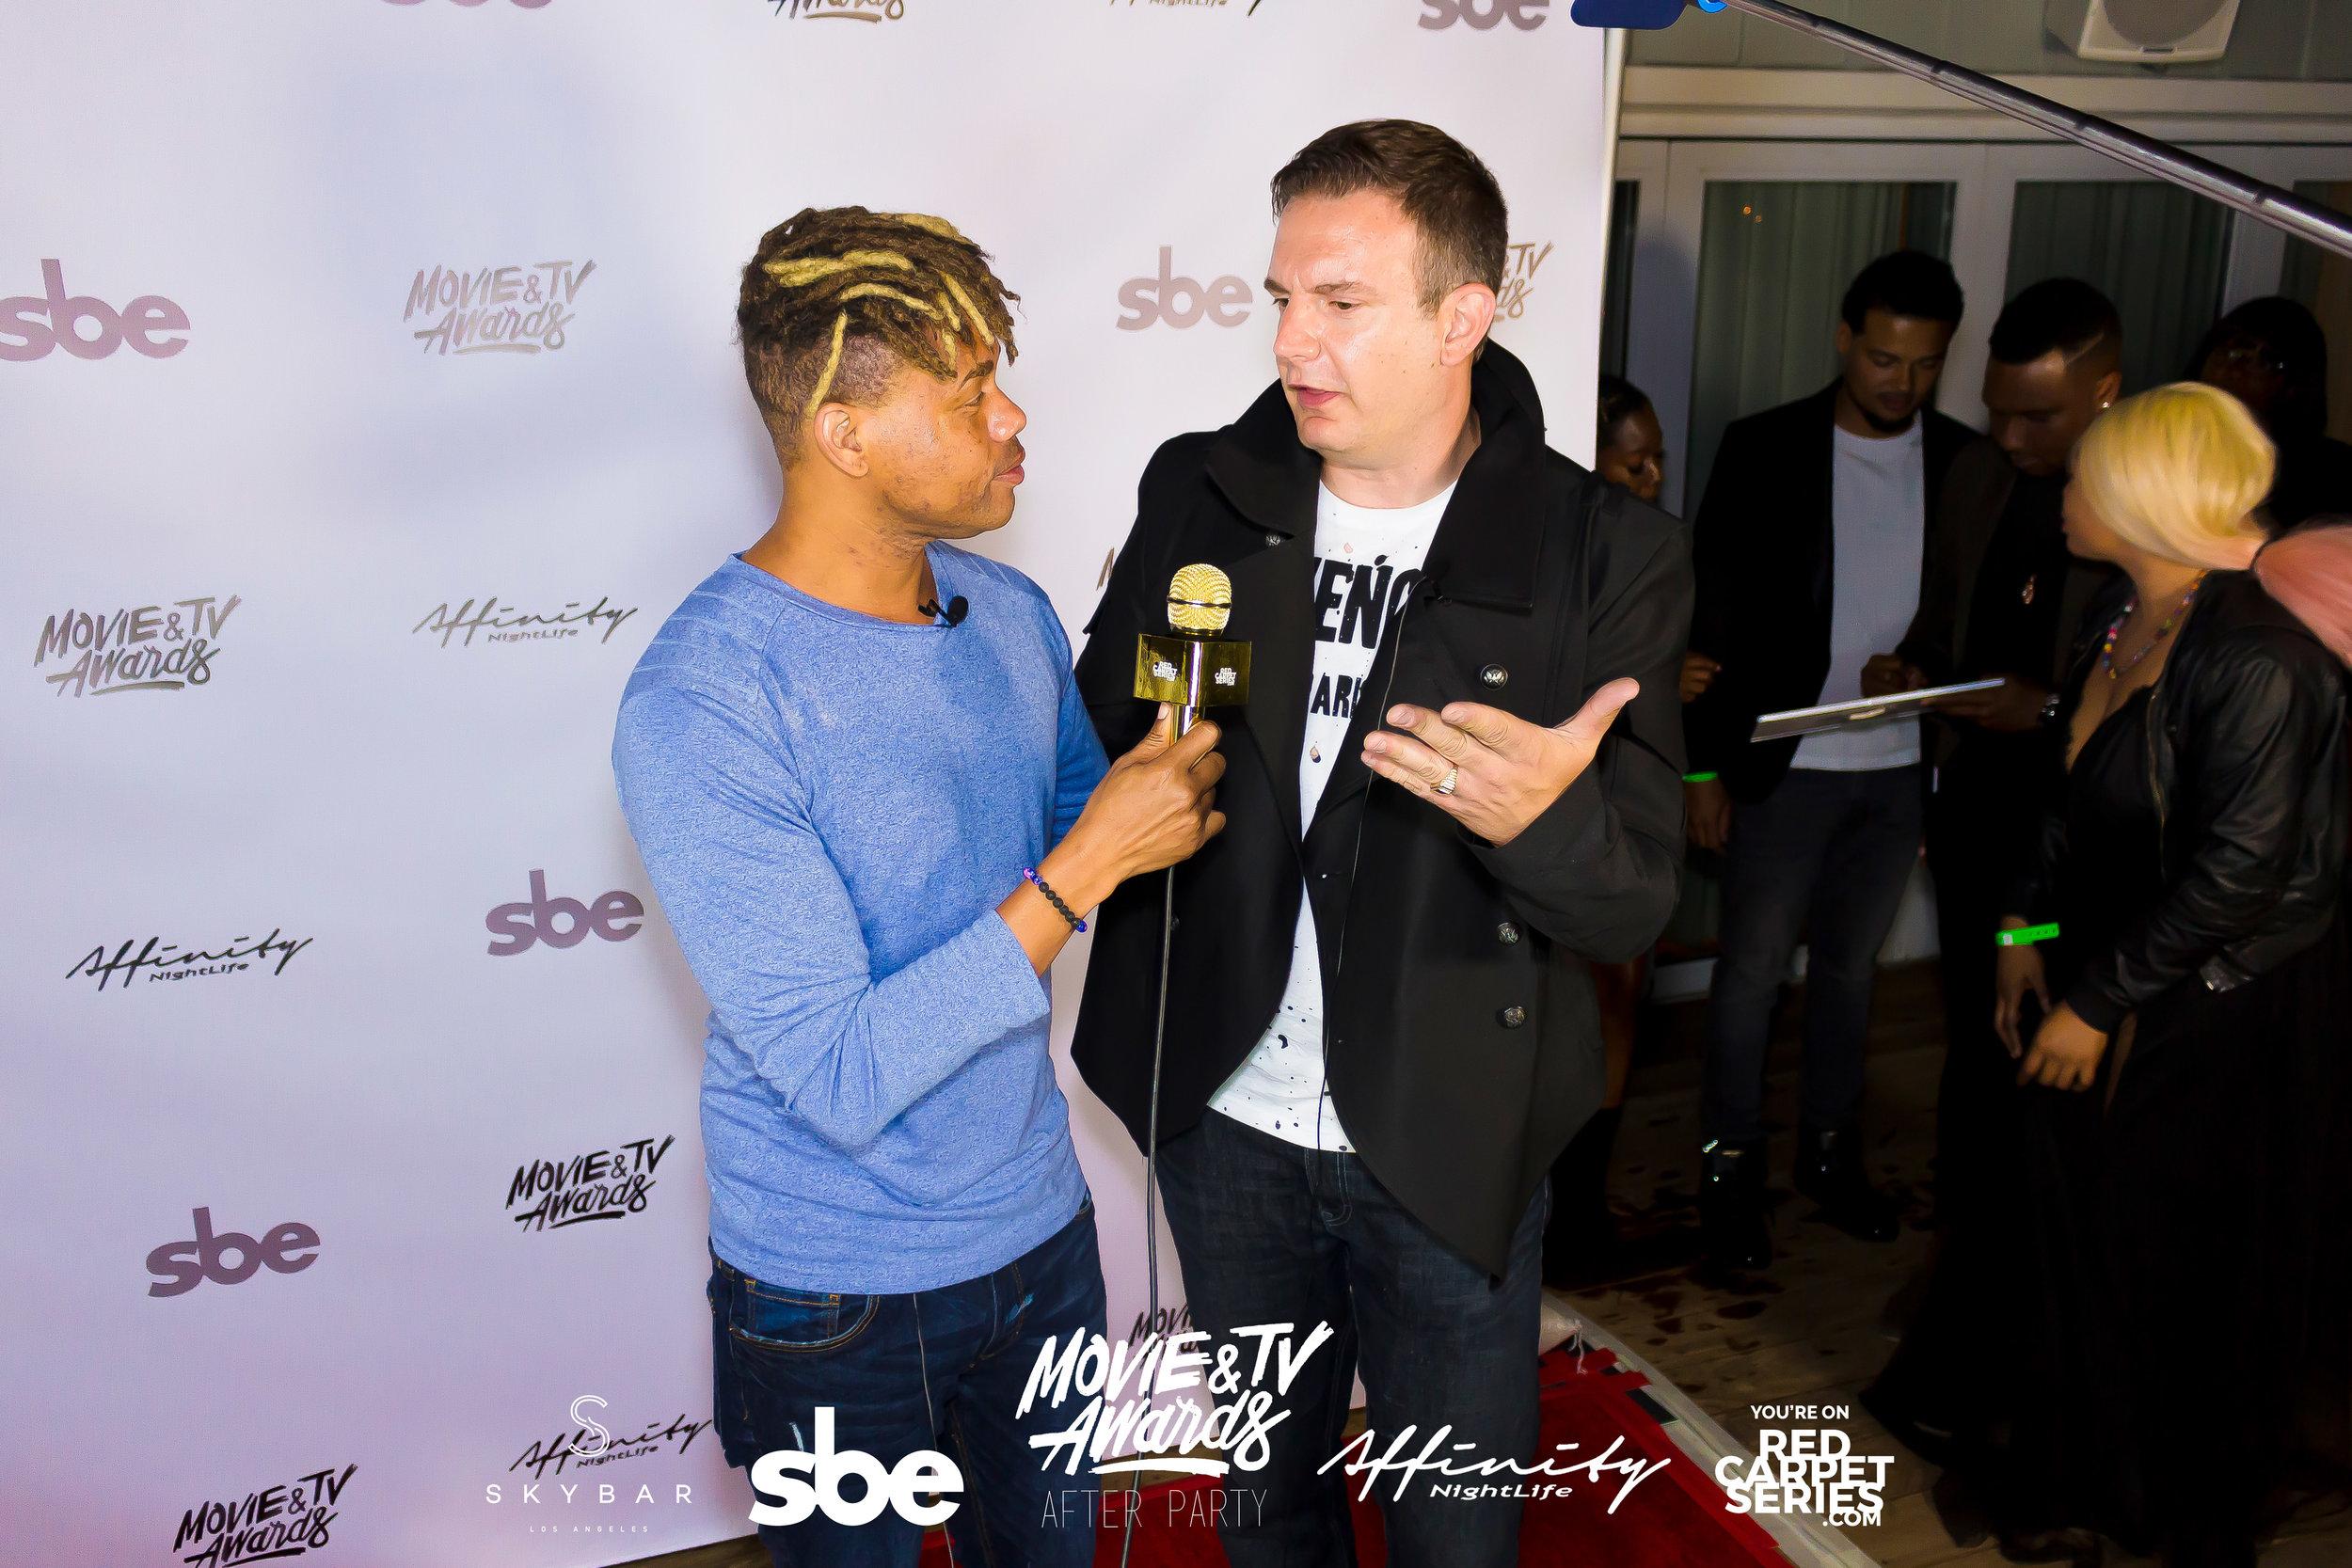 Affinity Nightlife MTV Movie & TV Awards After Party - Skybar at Mondrian - 06-15-19 - Vol. 1_70.jpg